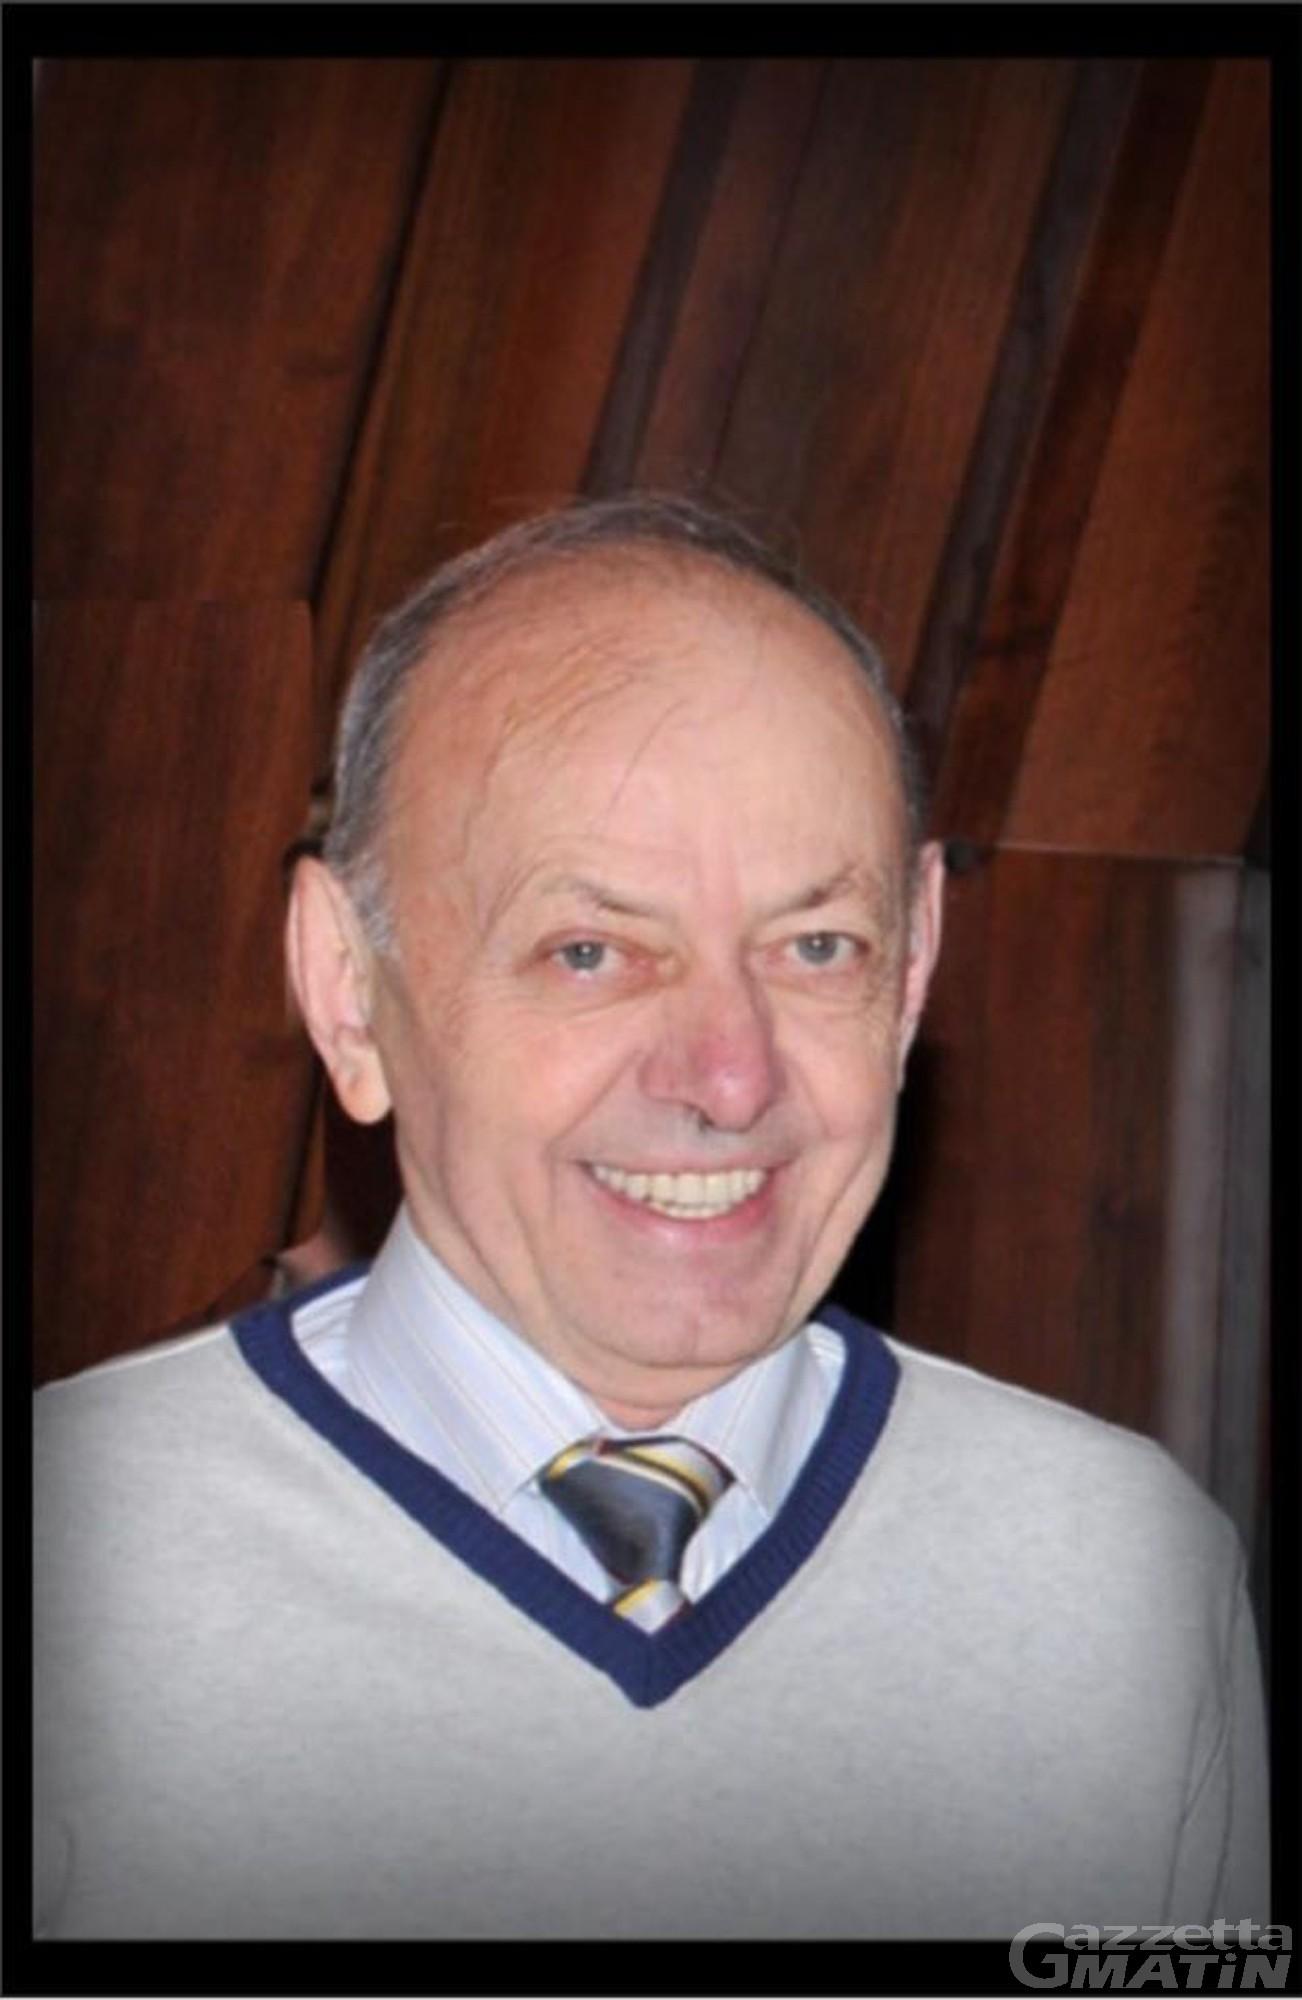 Lutto: la comunità di Arnad piange il geometra Mario Bertolin